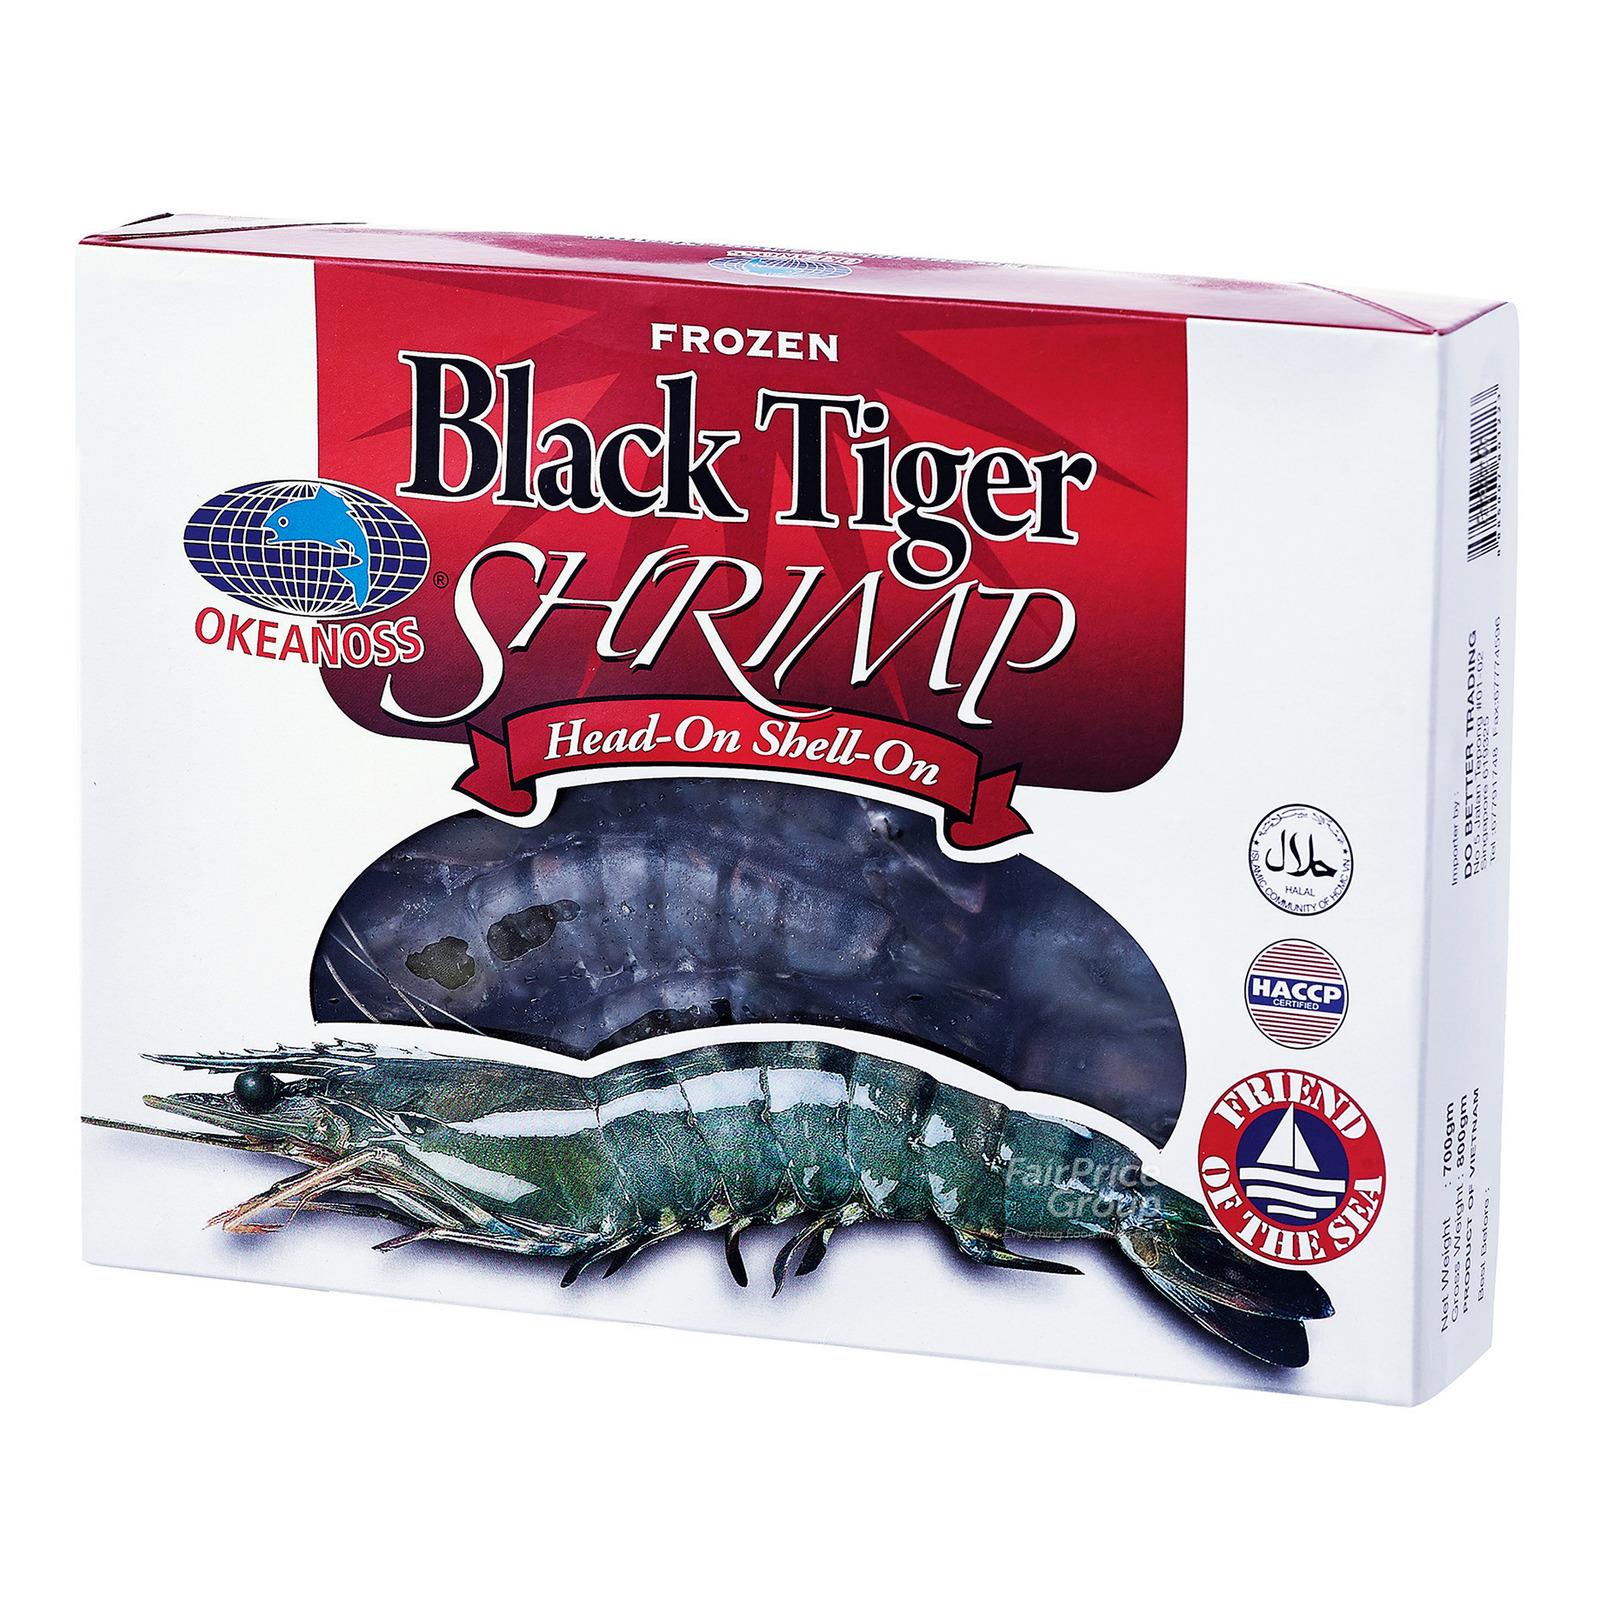 Okeanoss Frozen Black Tiger Shrimp Head-On Shell-On